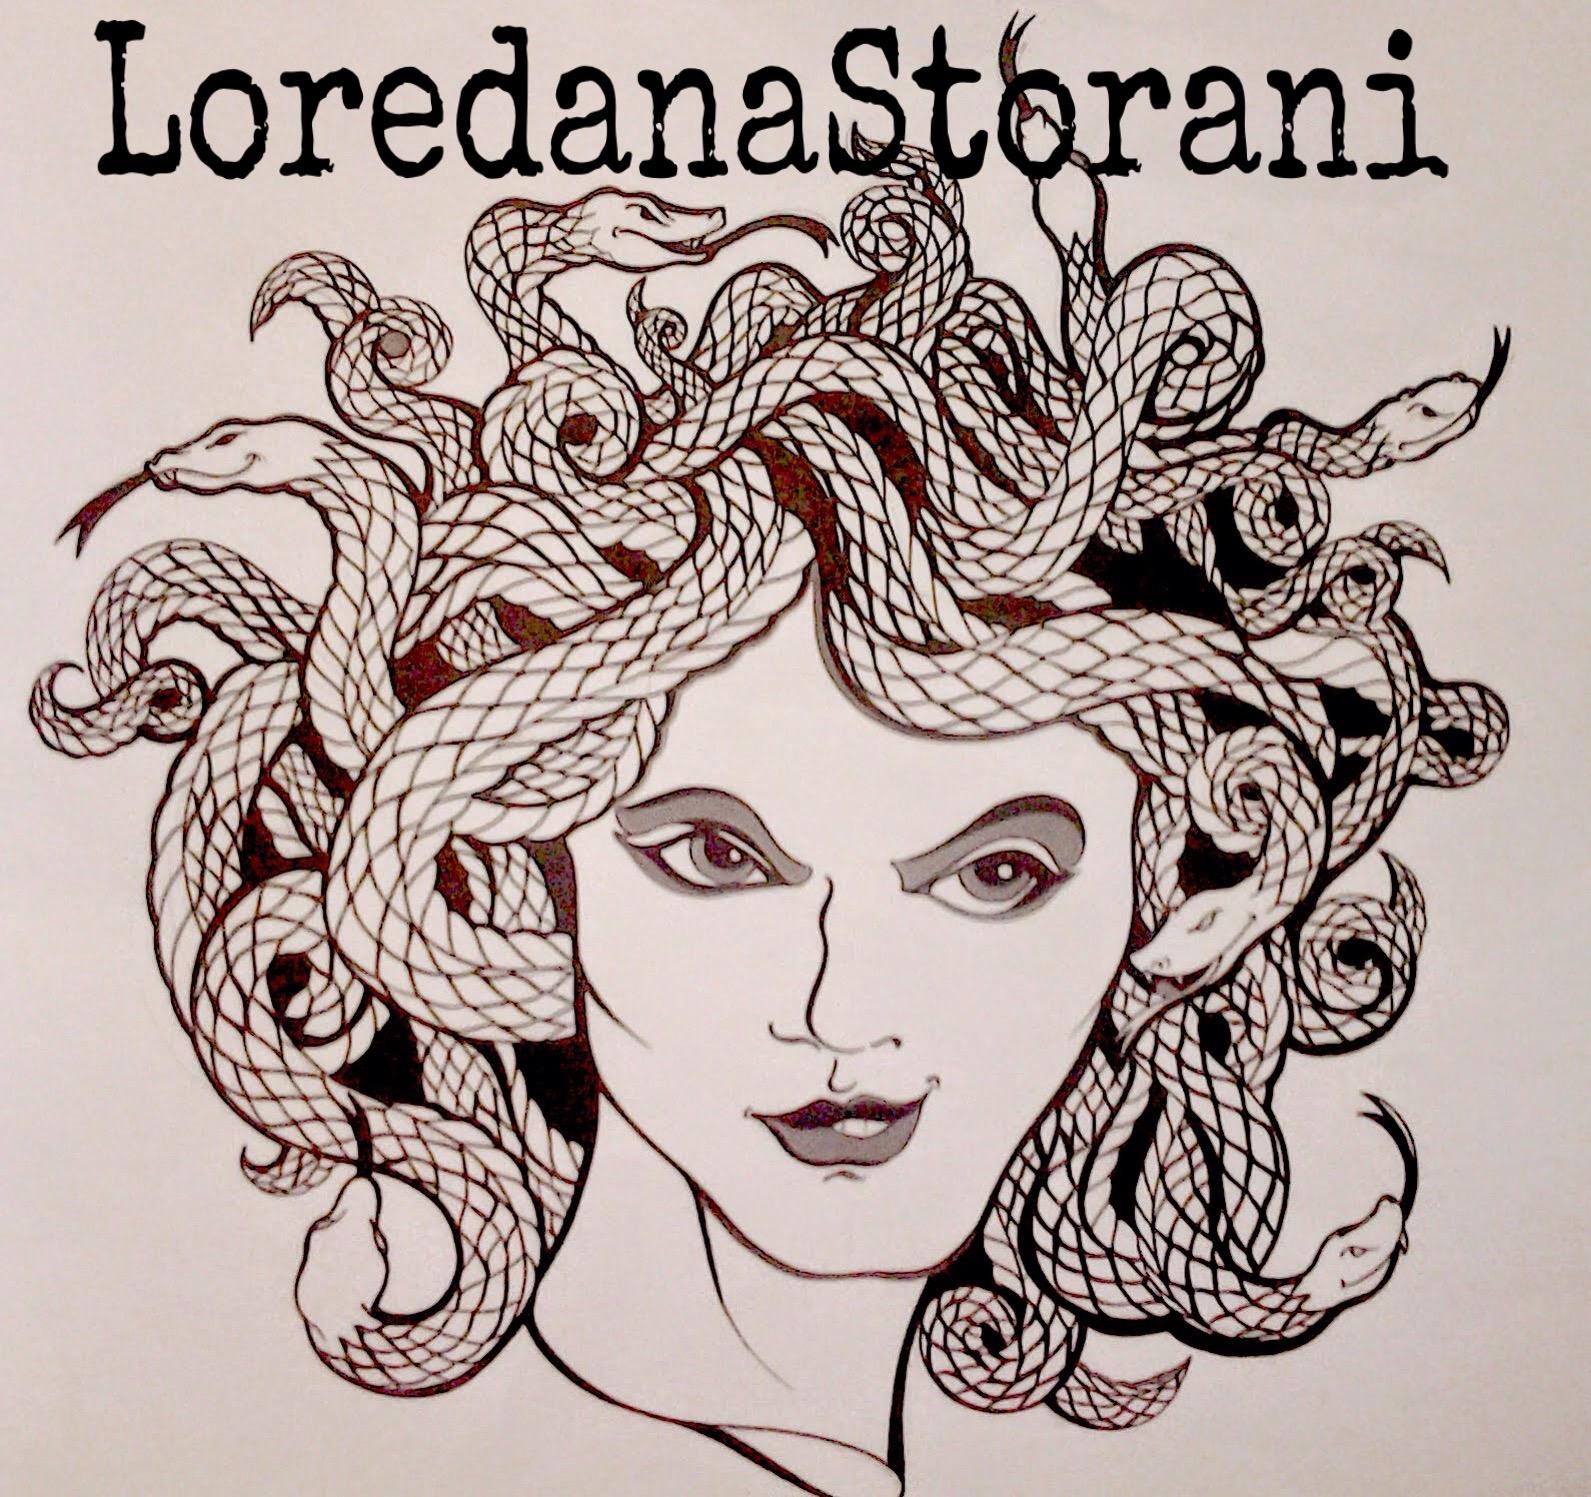 loredana storani